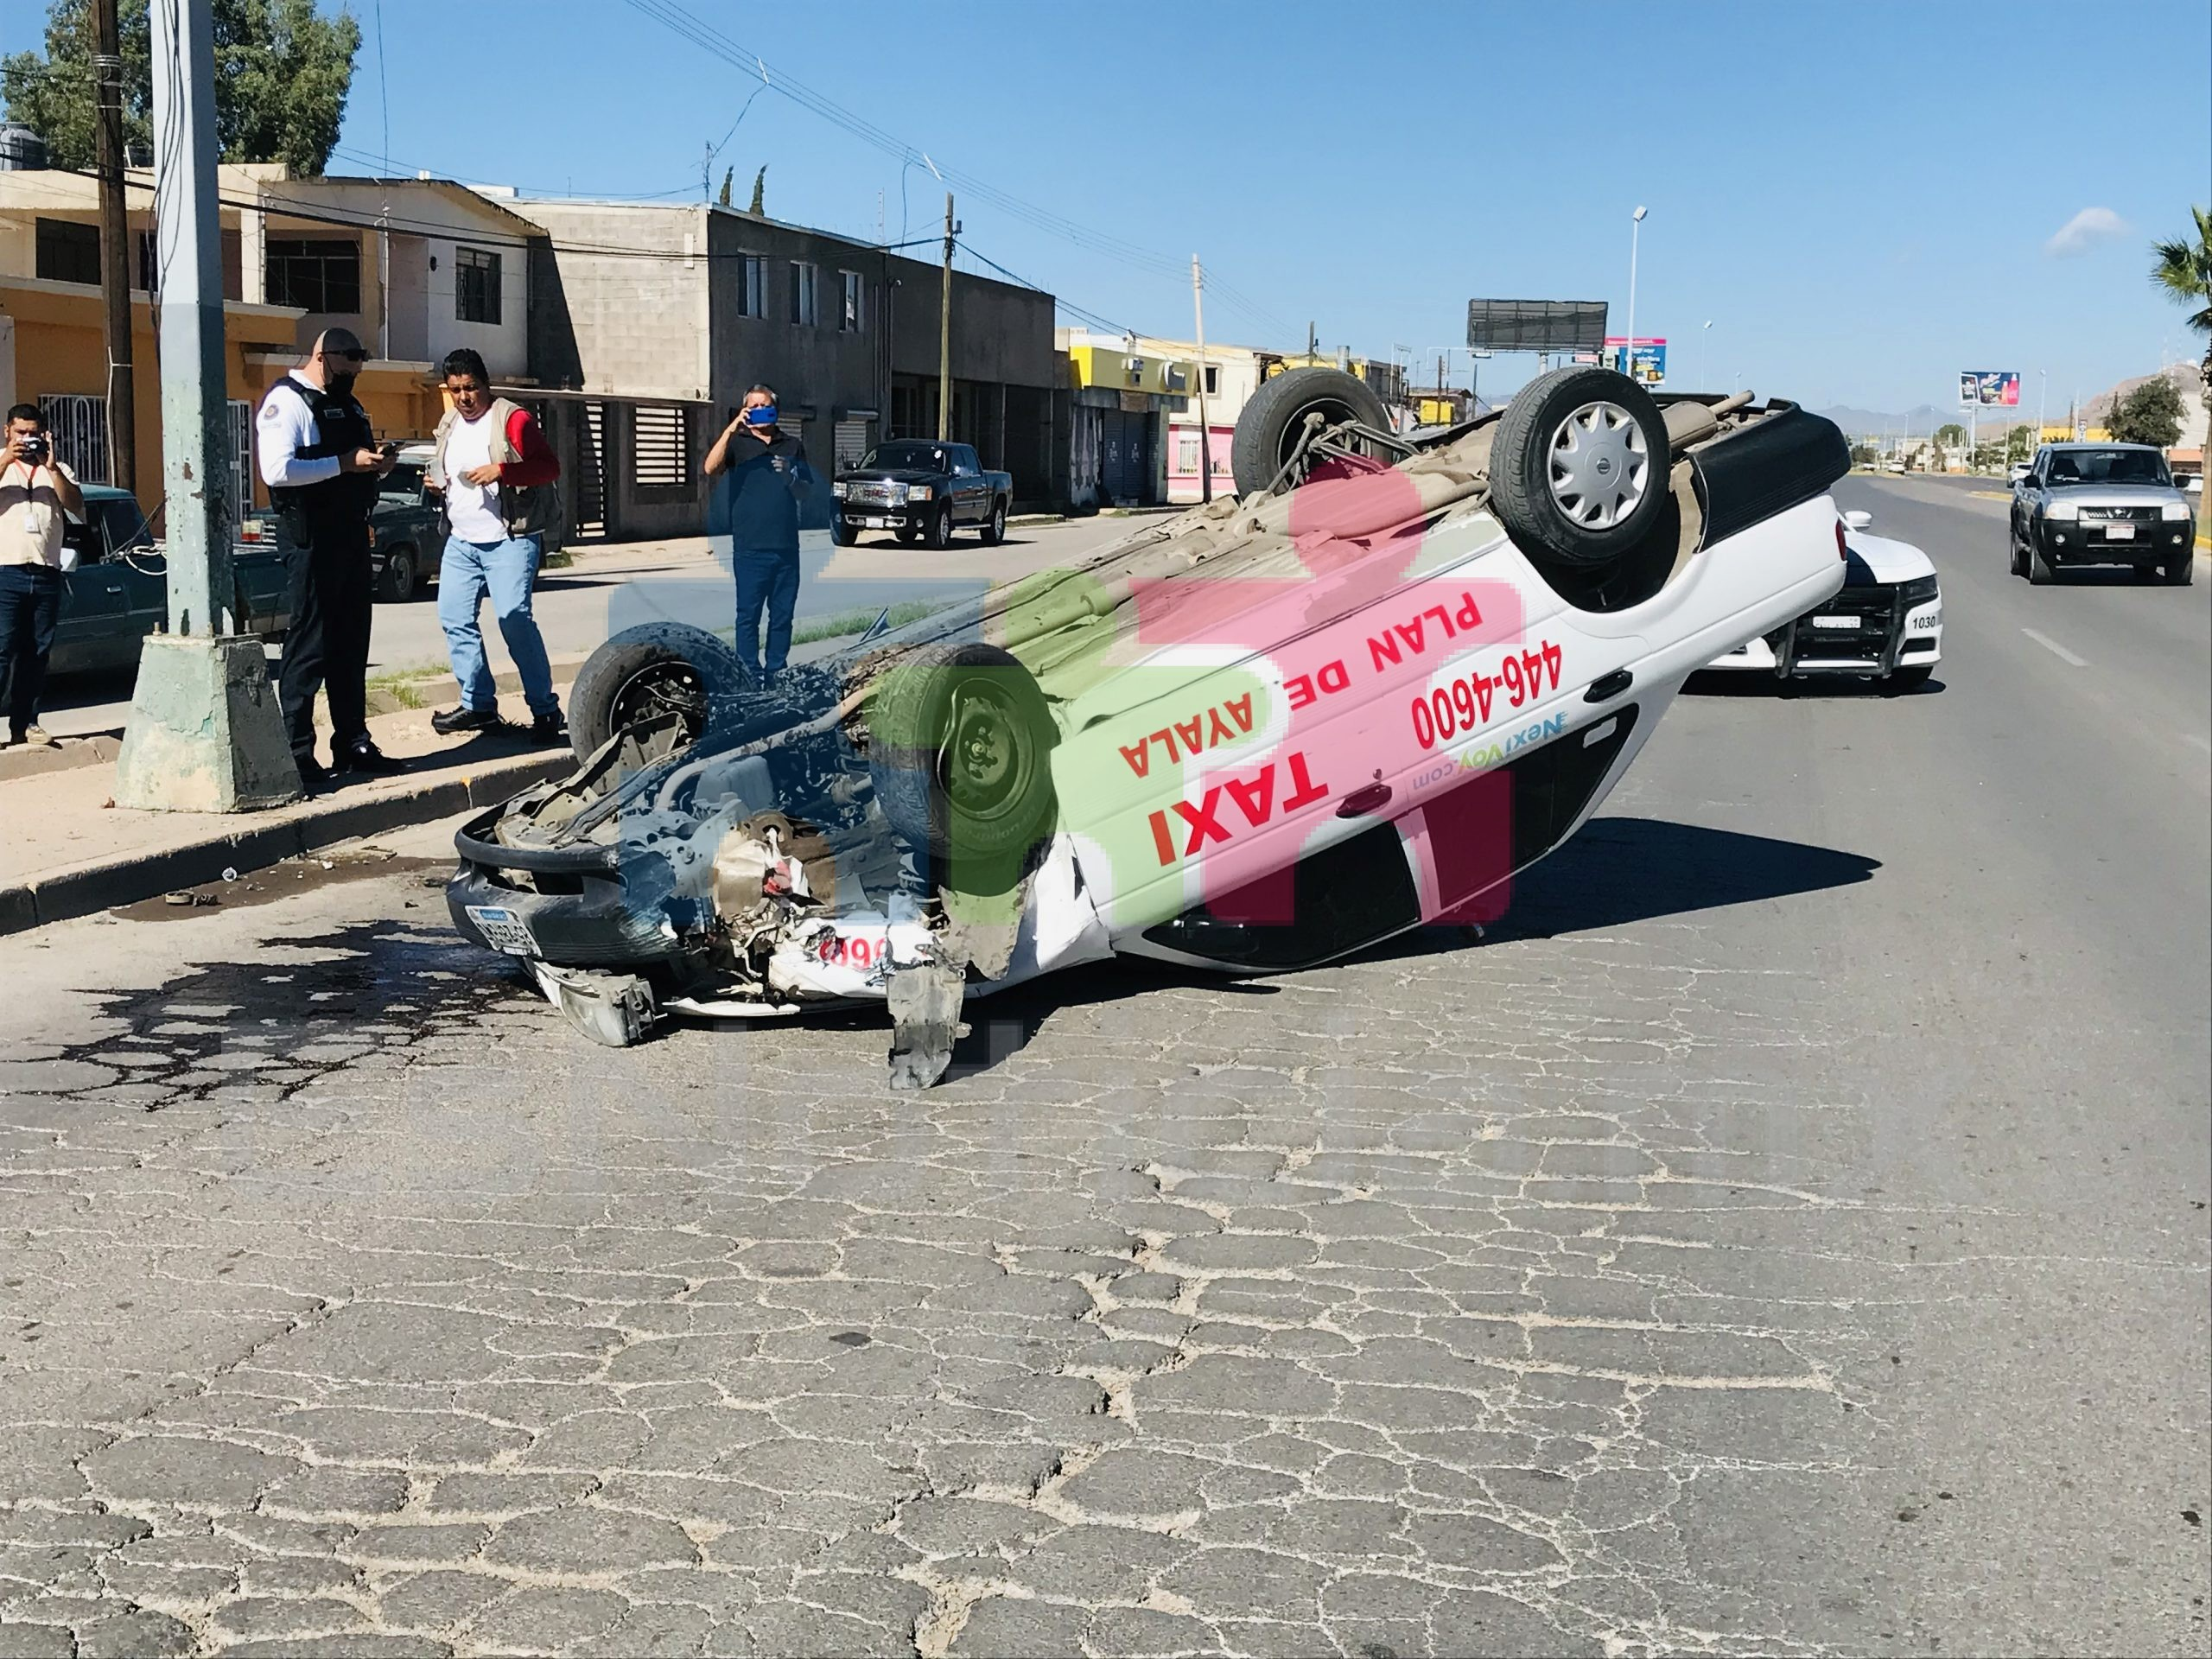 Vuelca taxi en el Fuentes Mares; mujer quedó herida